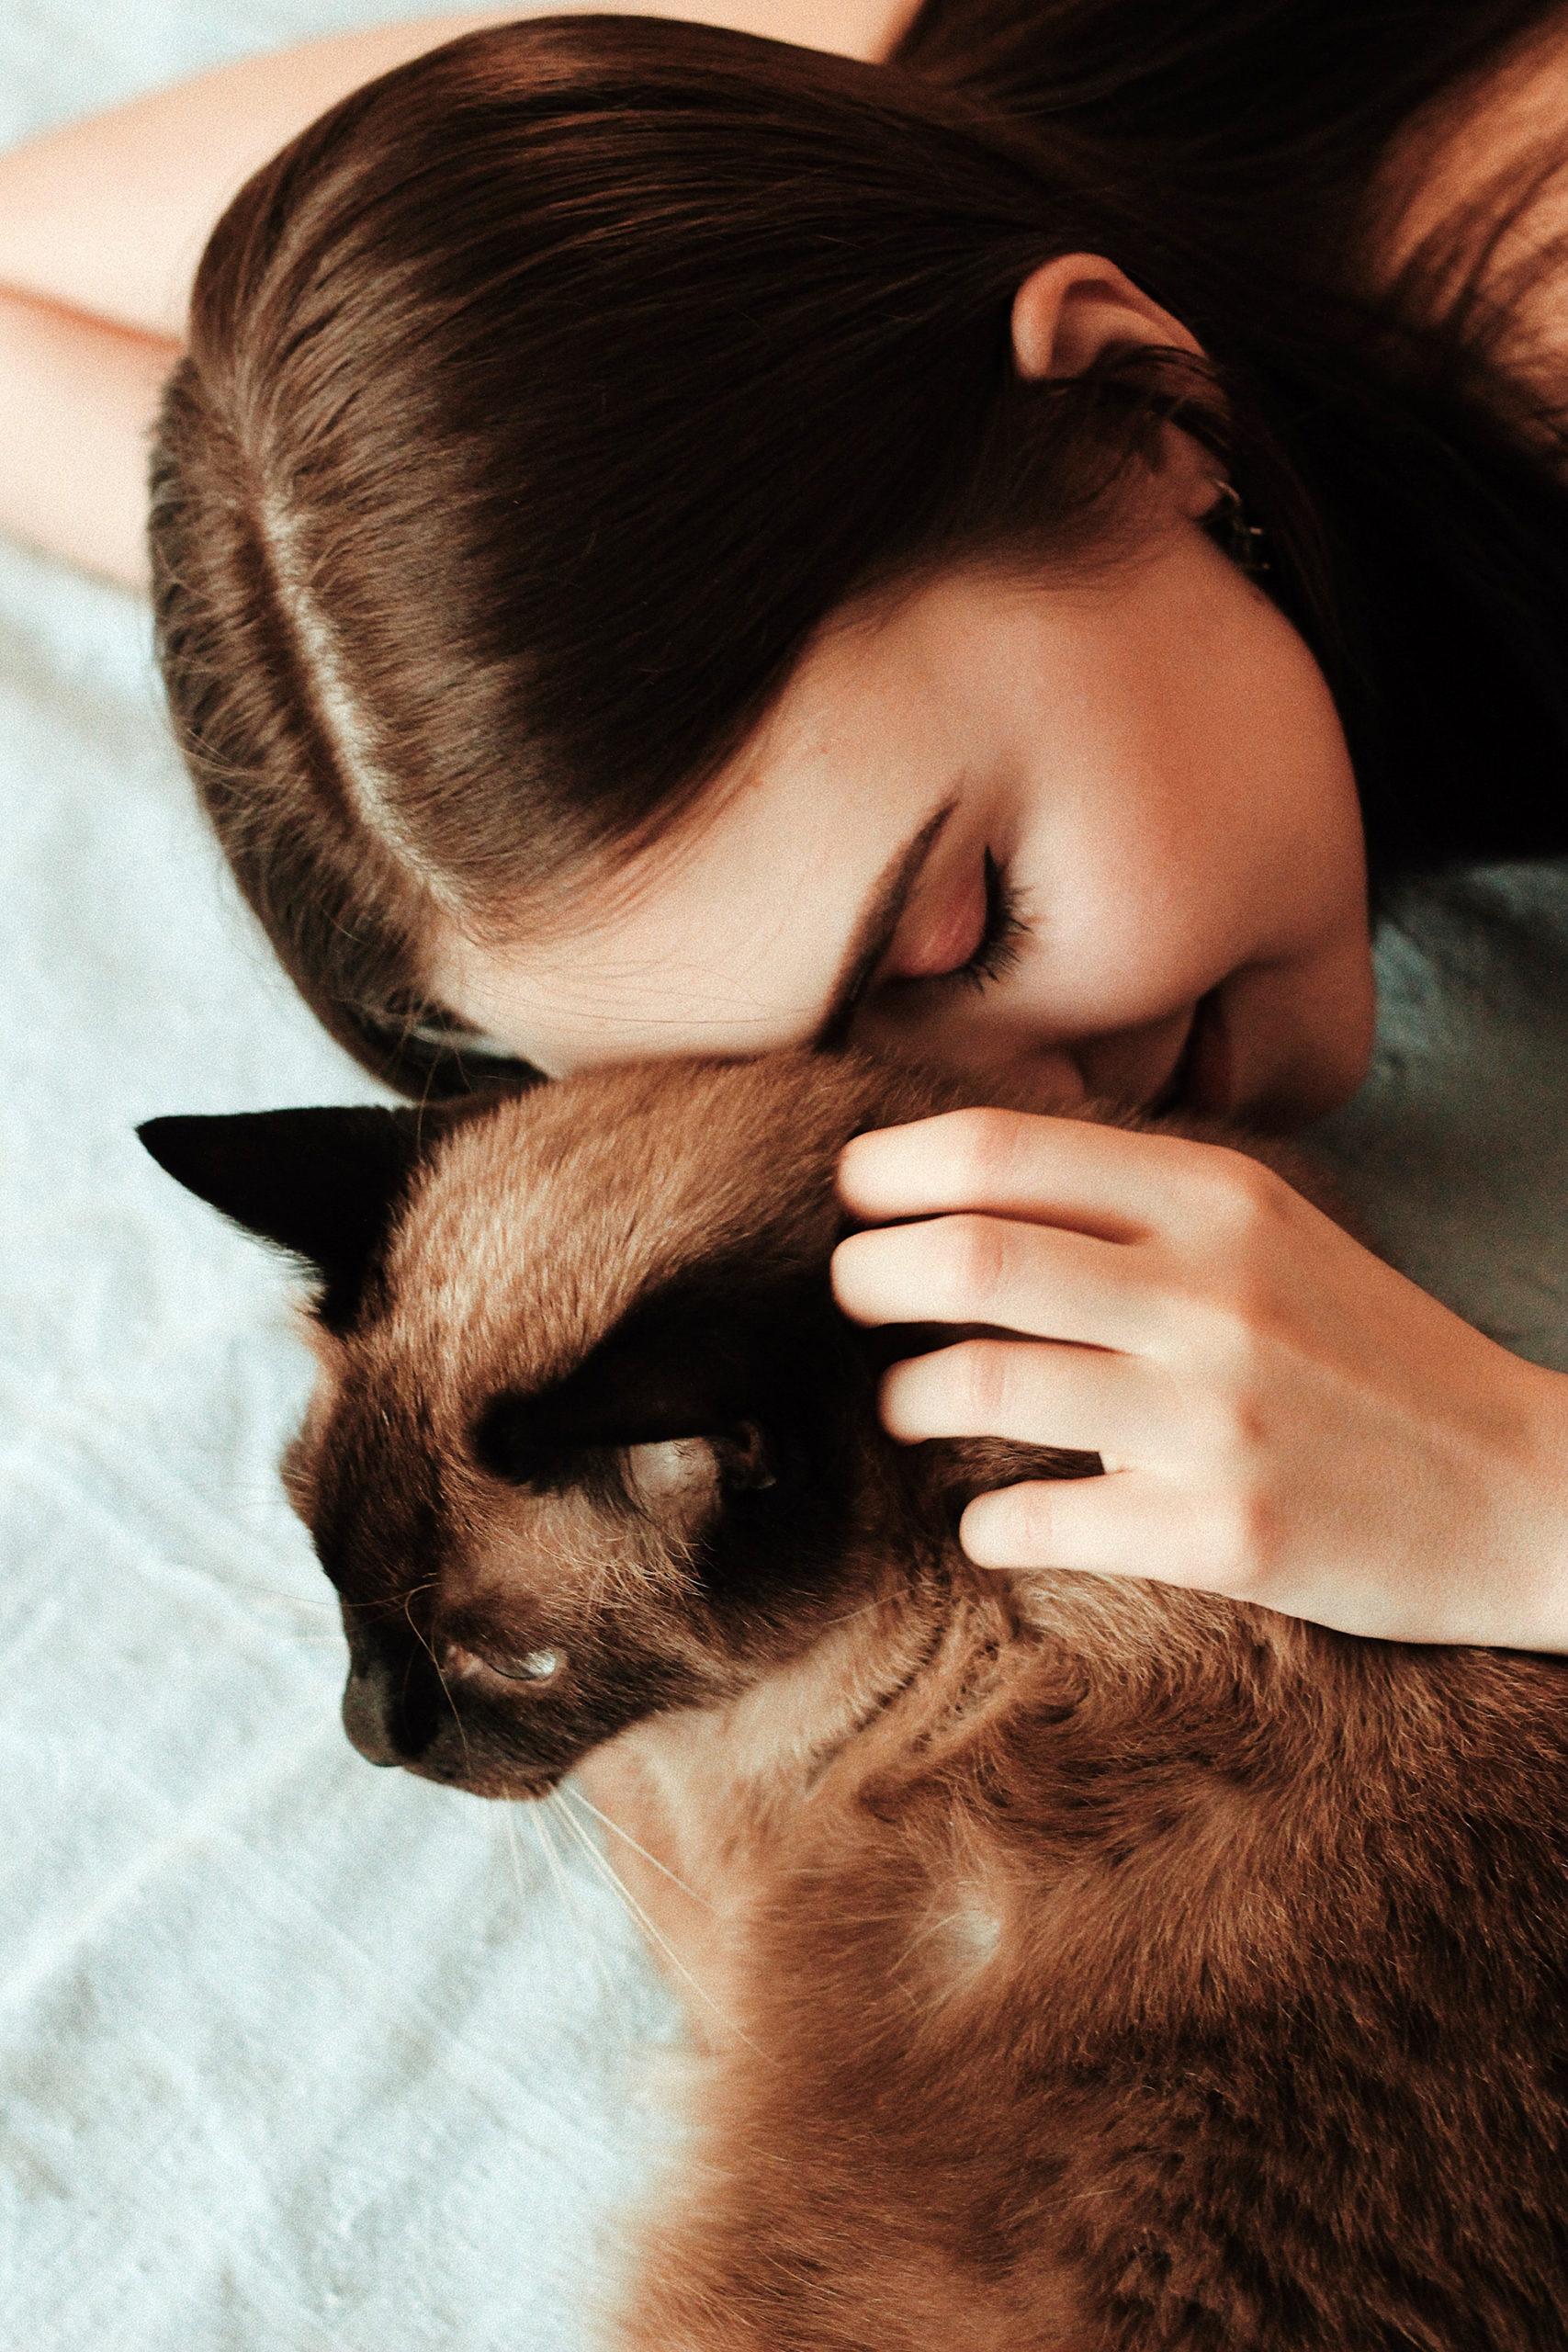 Mithilfe des PROCEANIS® Hyaluron Drinks wird auch deine Haut so streichelzart wie das Fell einer Katze